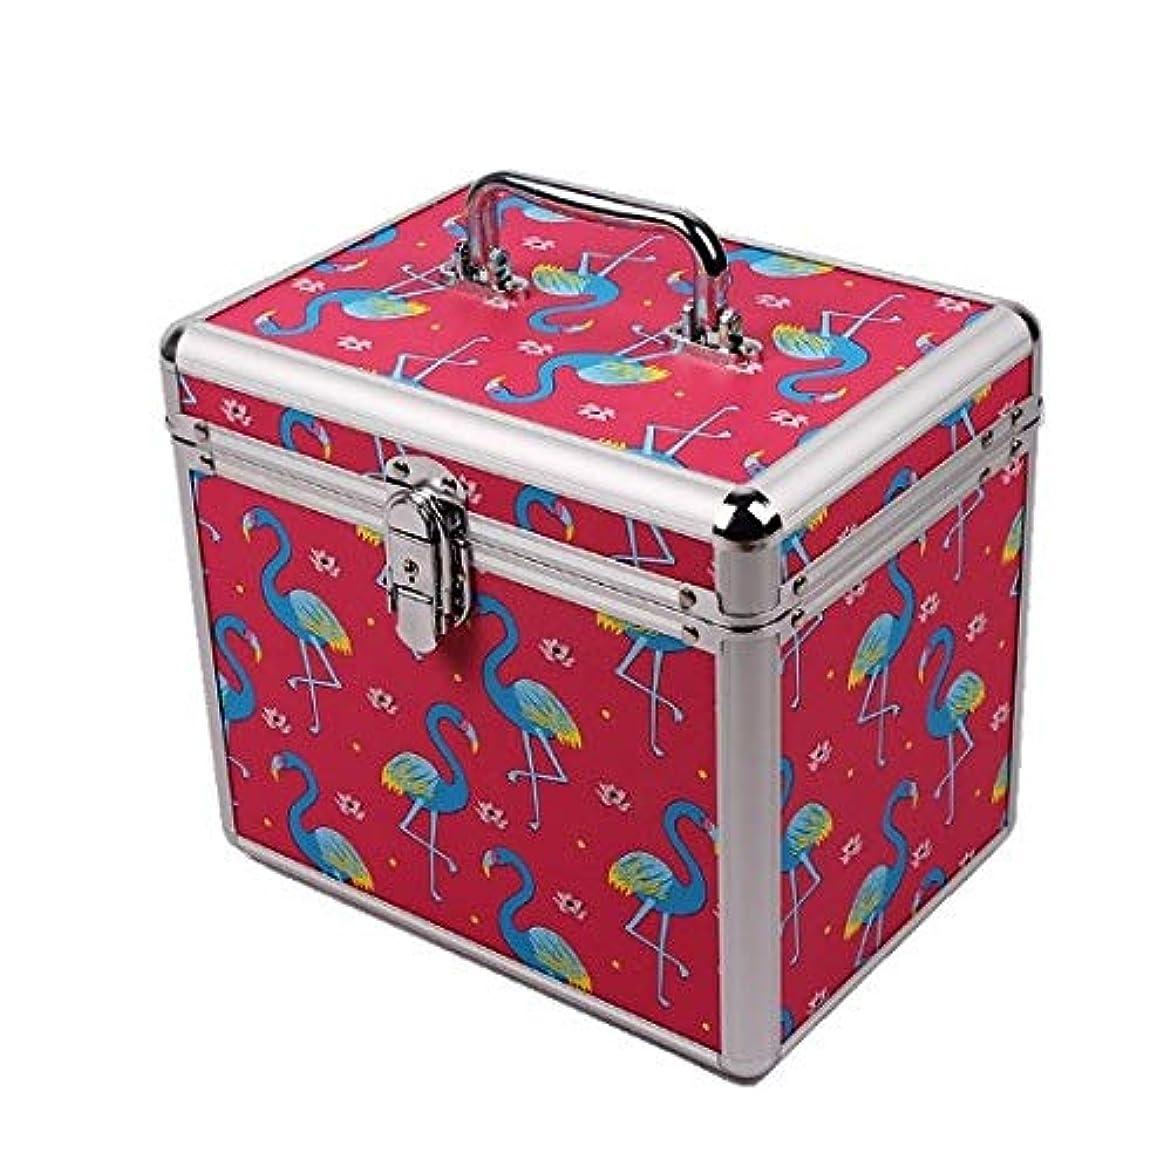 どっちボーダースクランブル化粧品ケース、ポータブル二重層ロックフットバス技術者ポータブルツールボックス、ポータブル旅行化粧品ケース、美容ネイルジュエリー収納ボックス (Design : 1#)